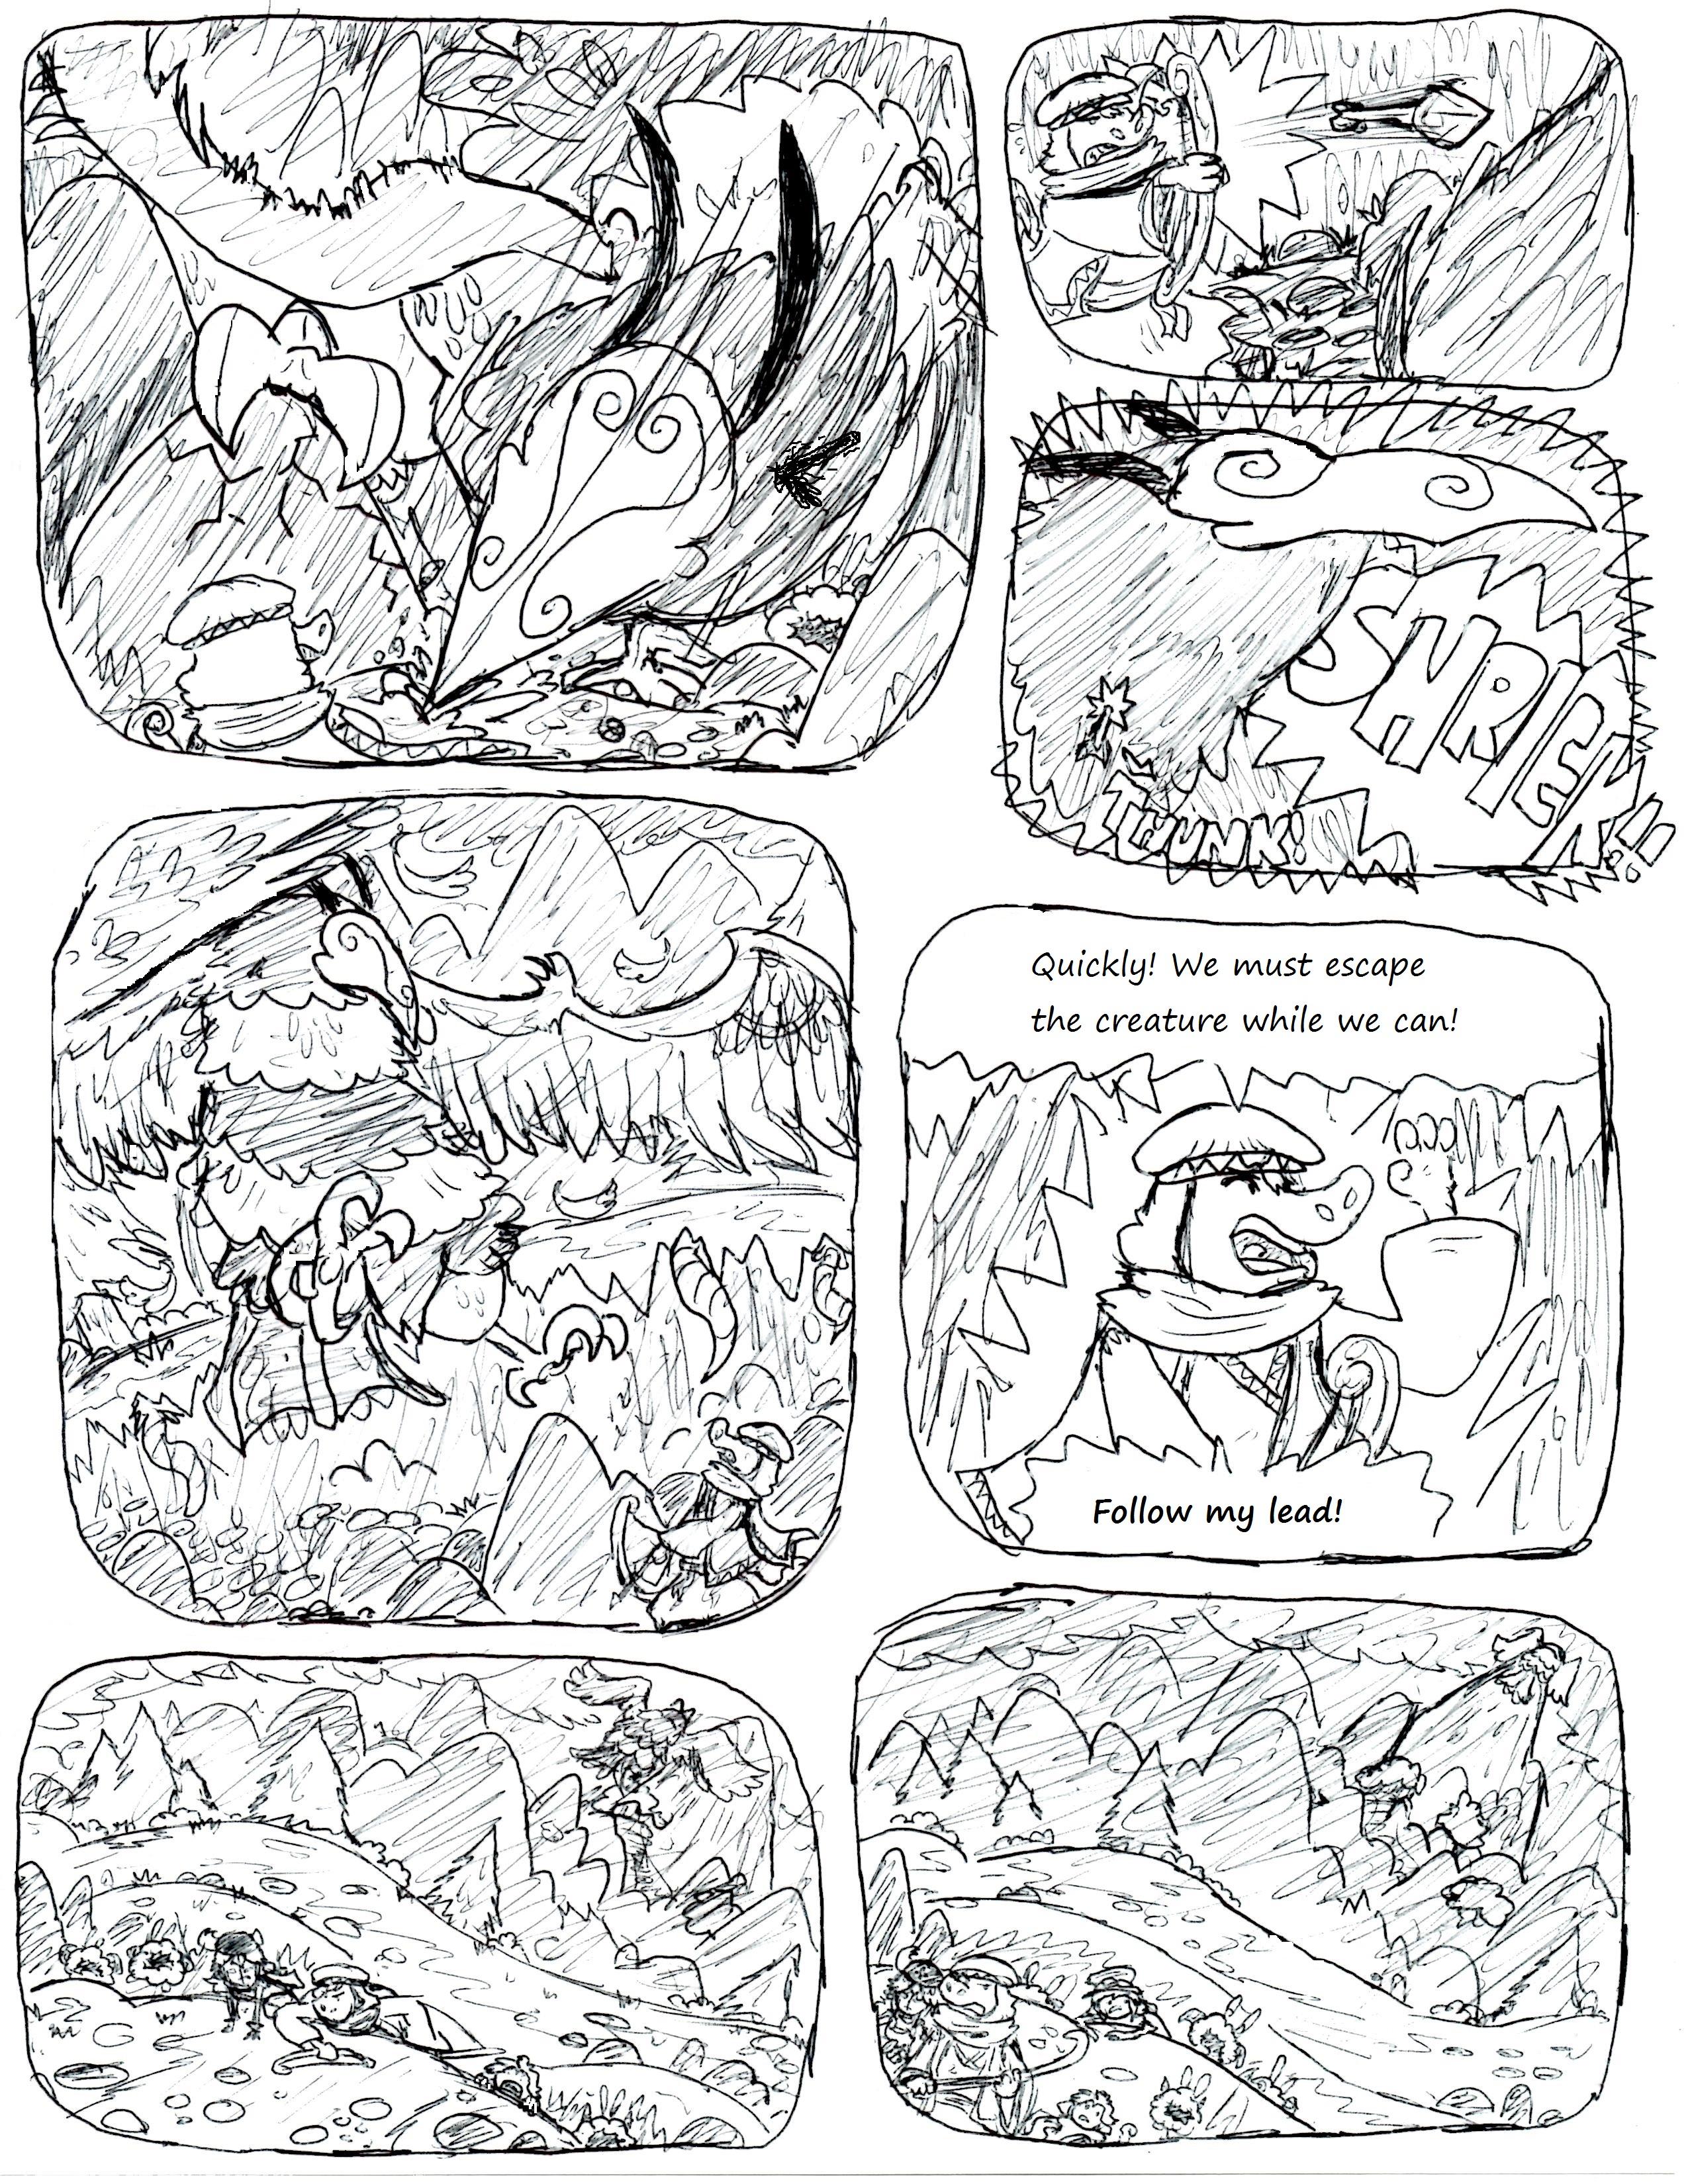 COV8 Page 44